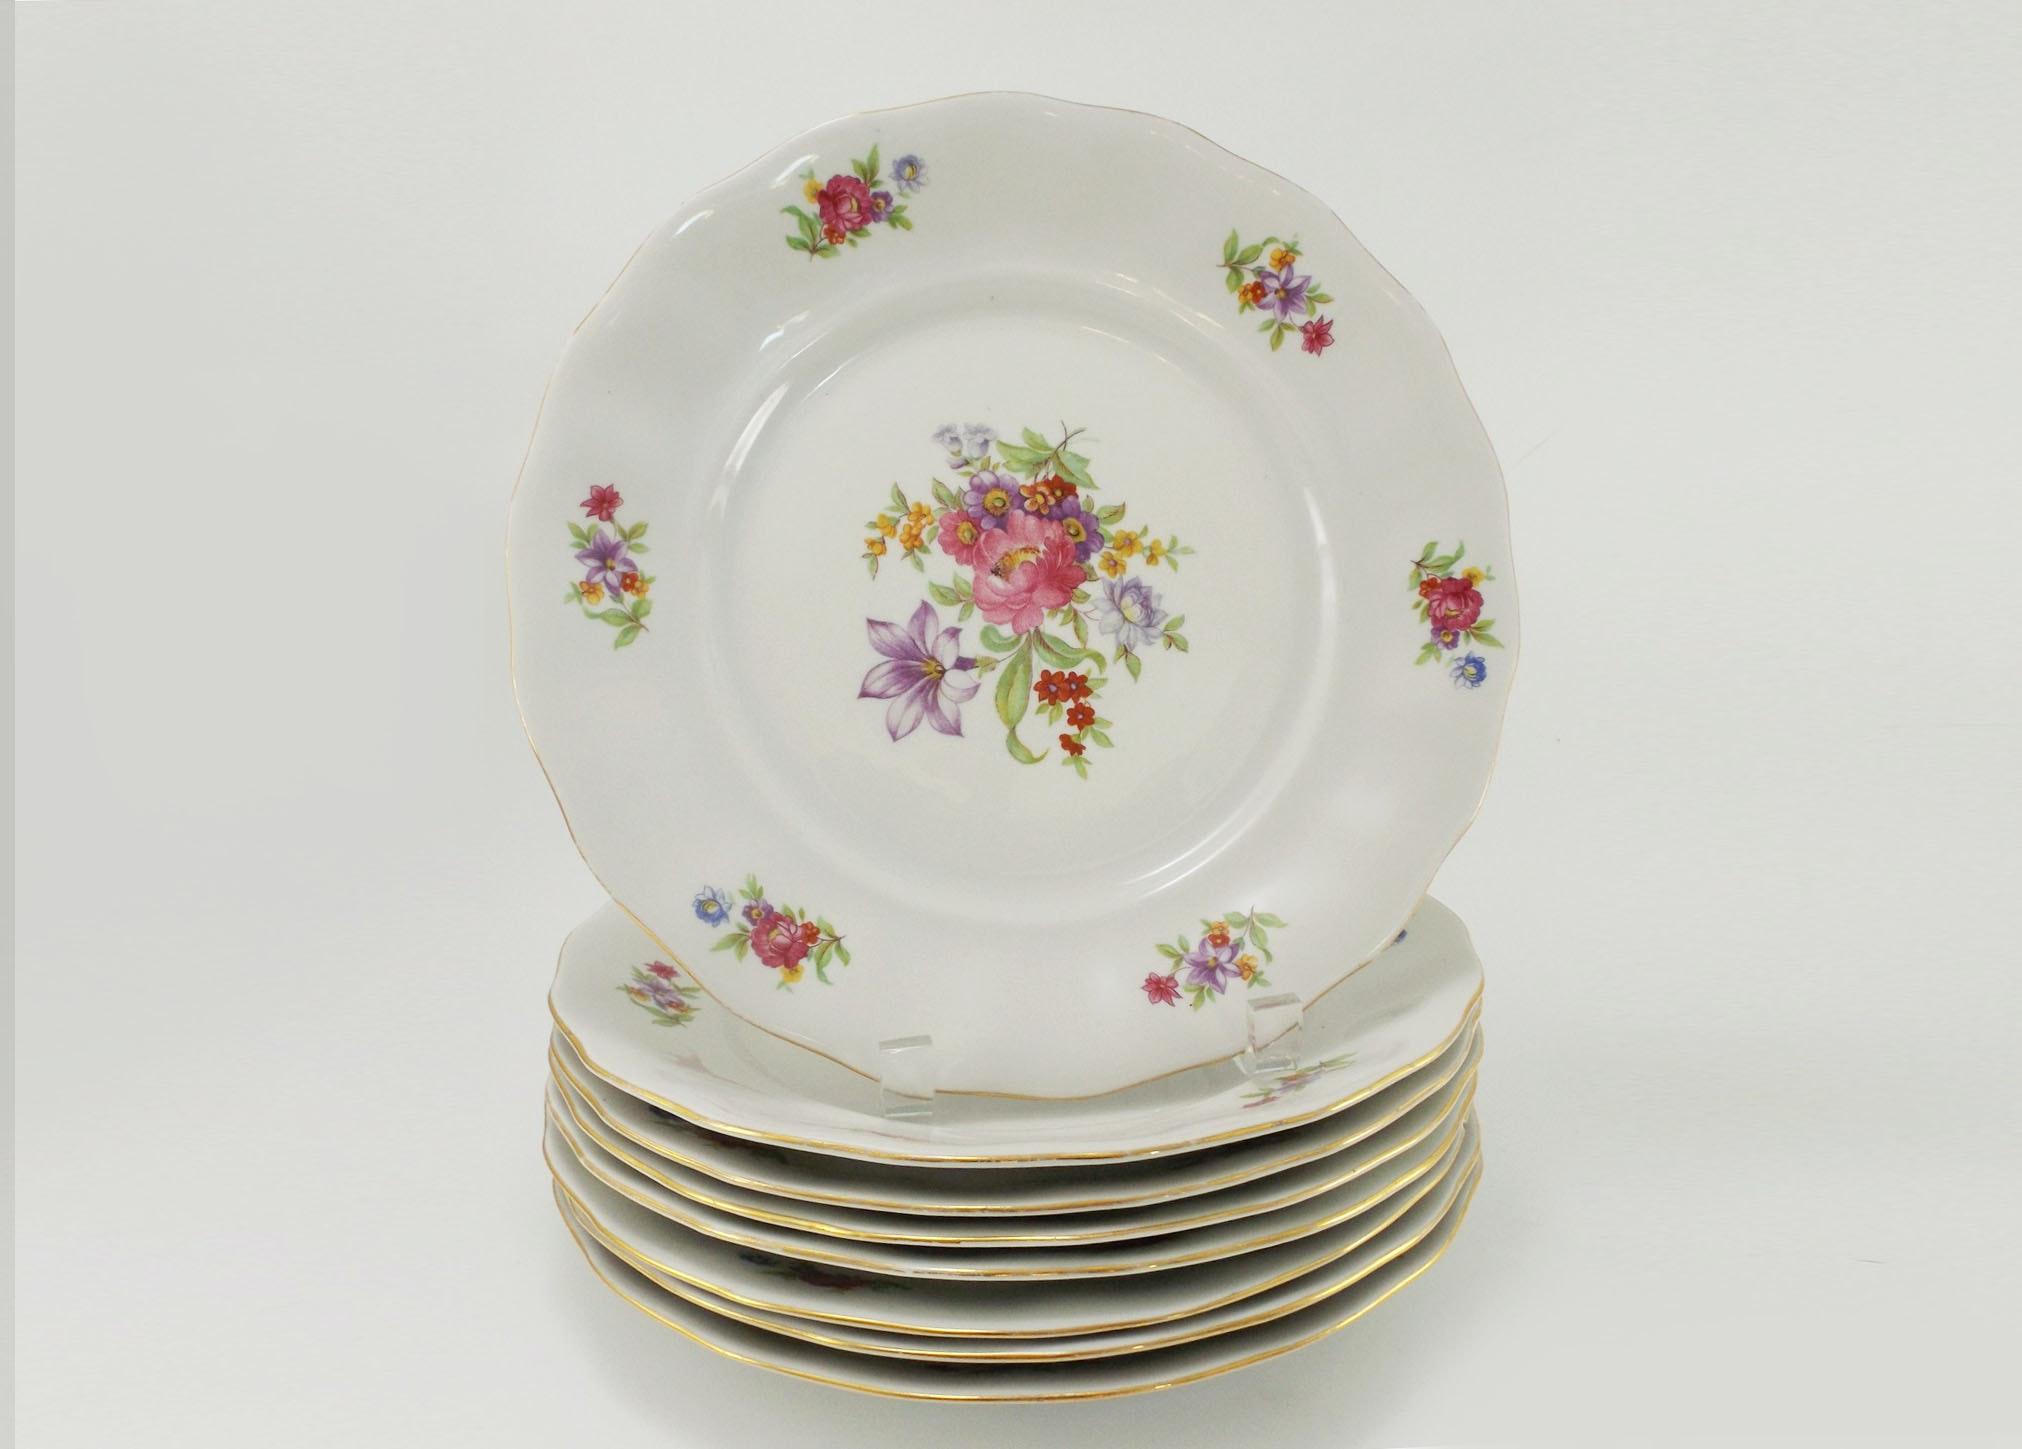 Vintage Polish Karolina Bone China Dinner Plates ...  sc 1 st  EBTH.com & Vintage Polish Karolina Bone China Dinner Plates : EBTH